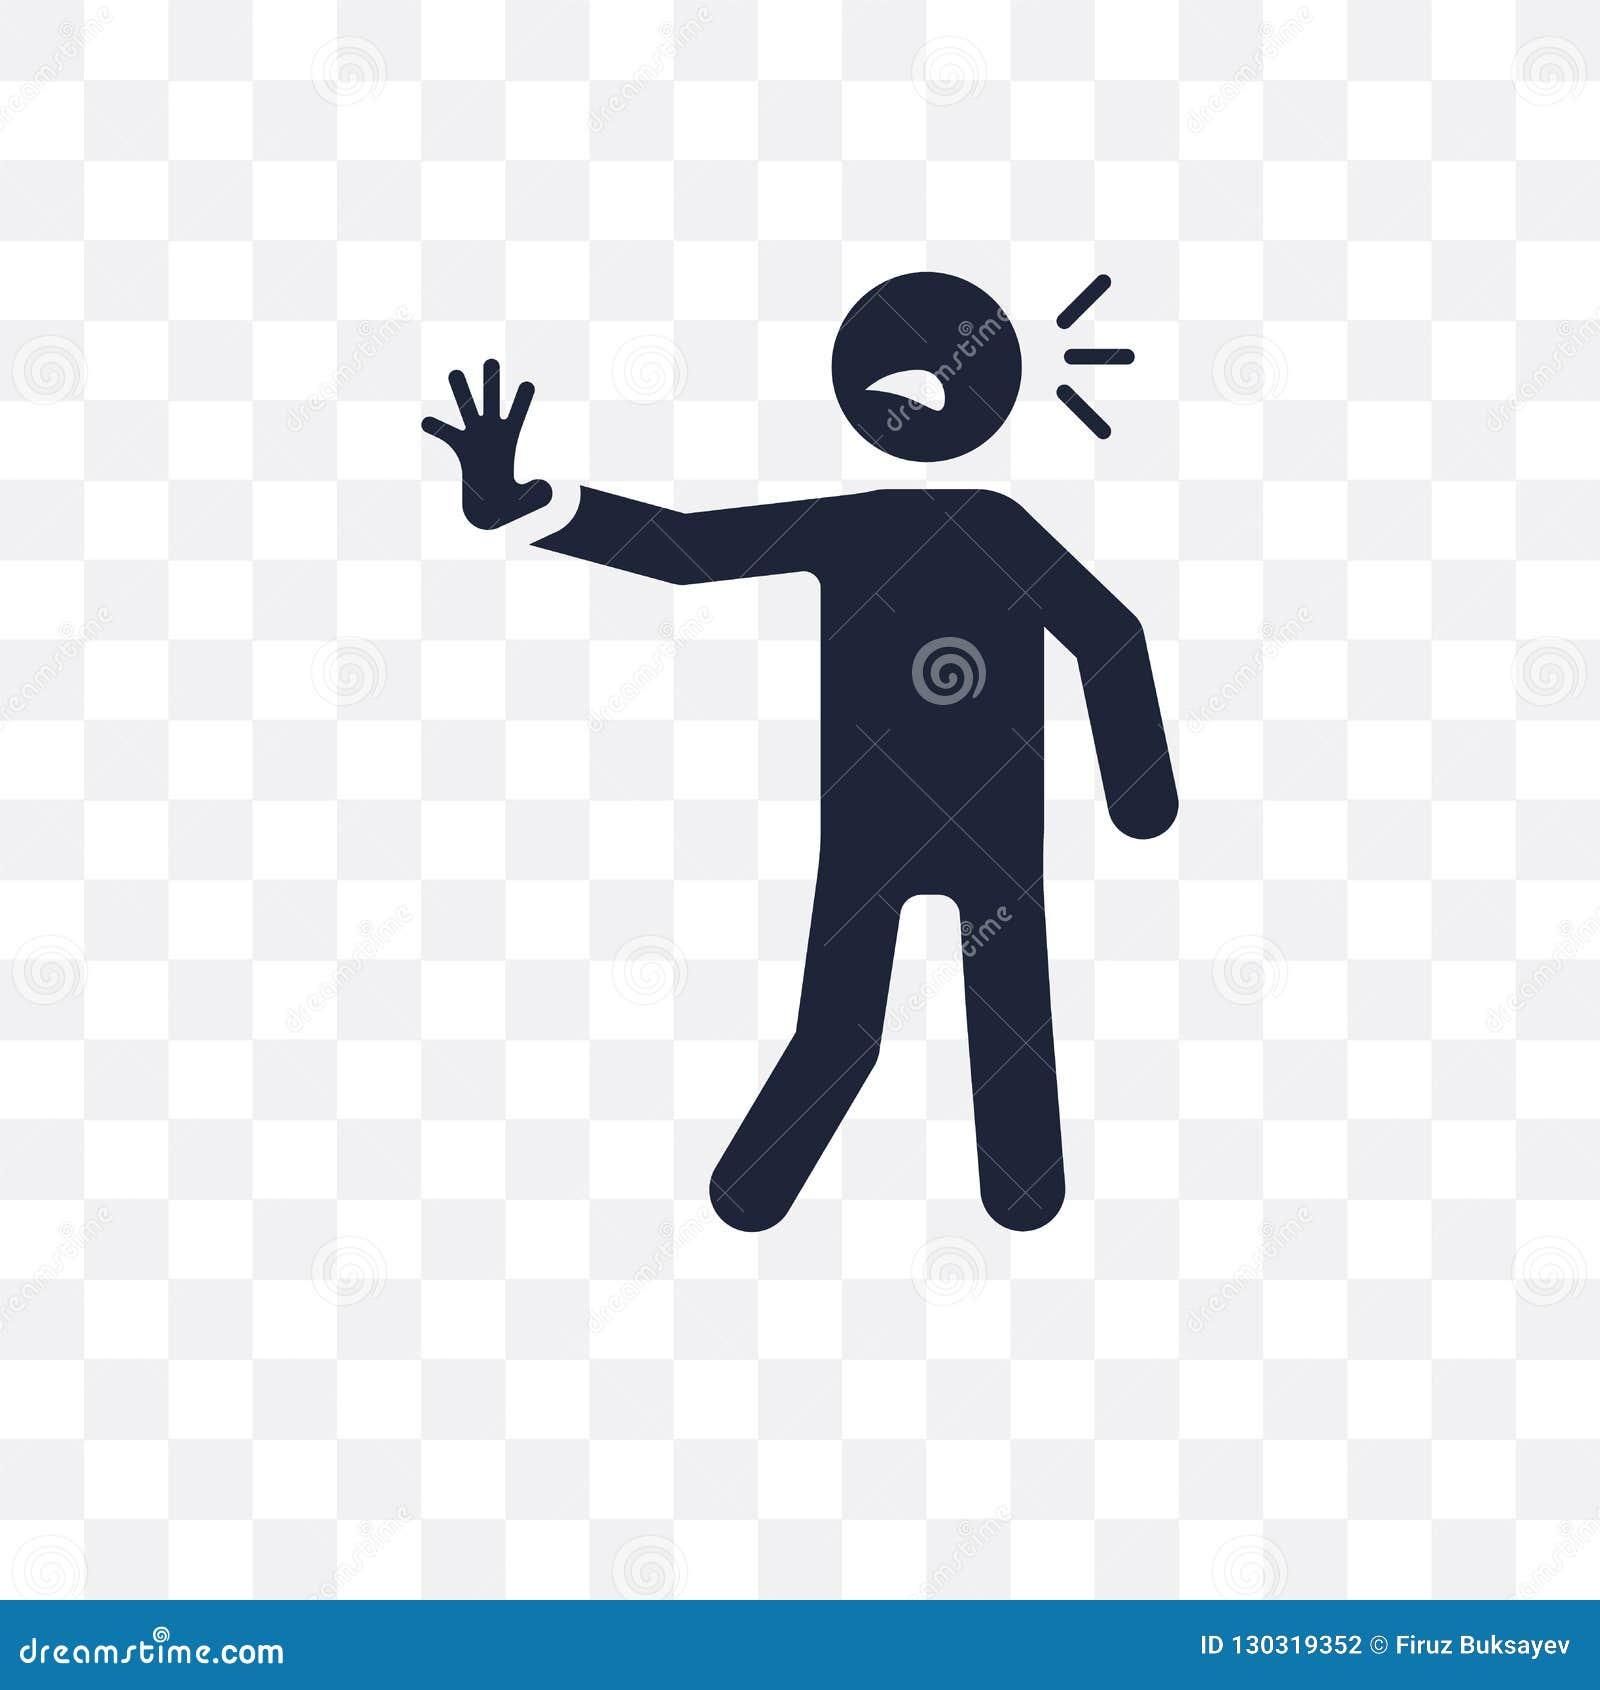 Pumpad mänsklig genomskinlig symbol pumpad mänsklig symboldesign från F